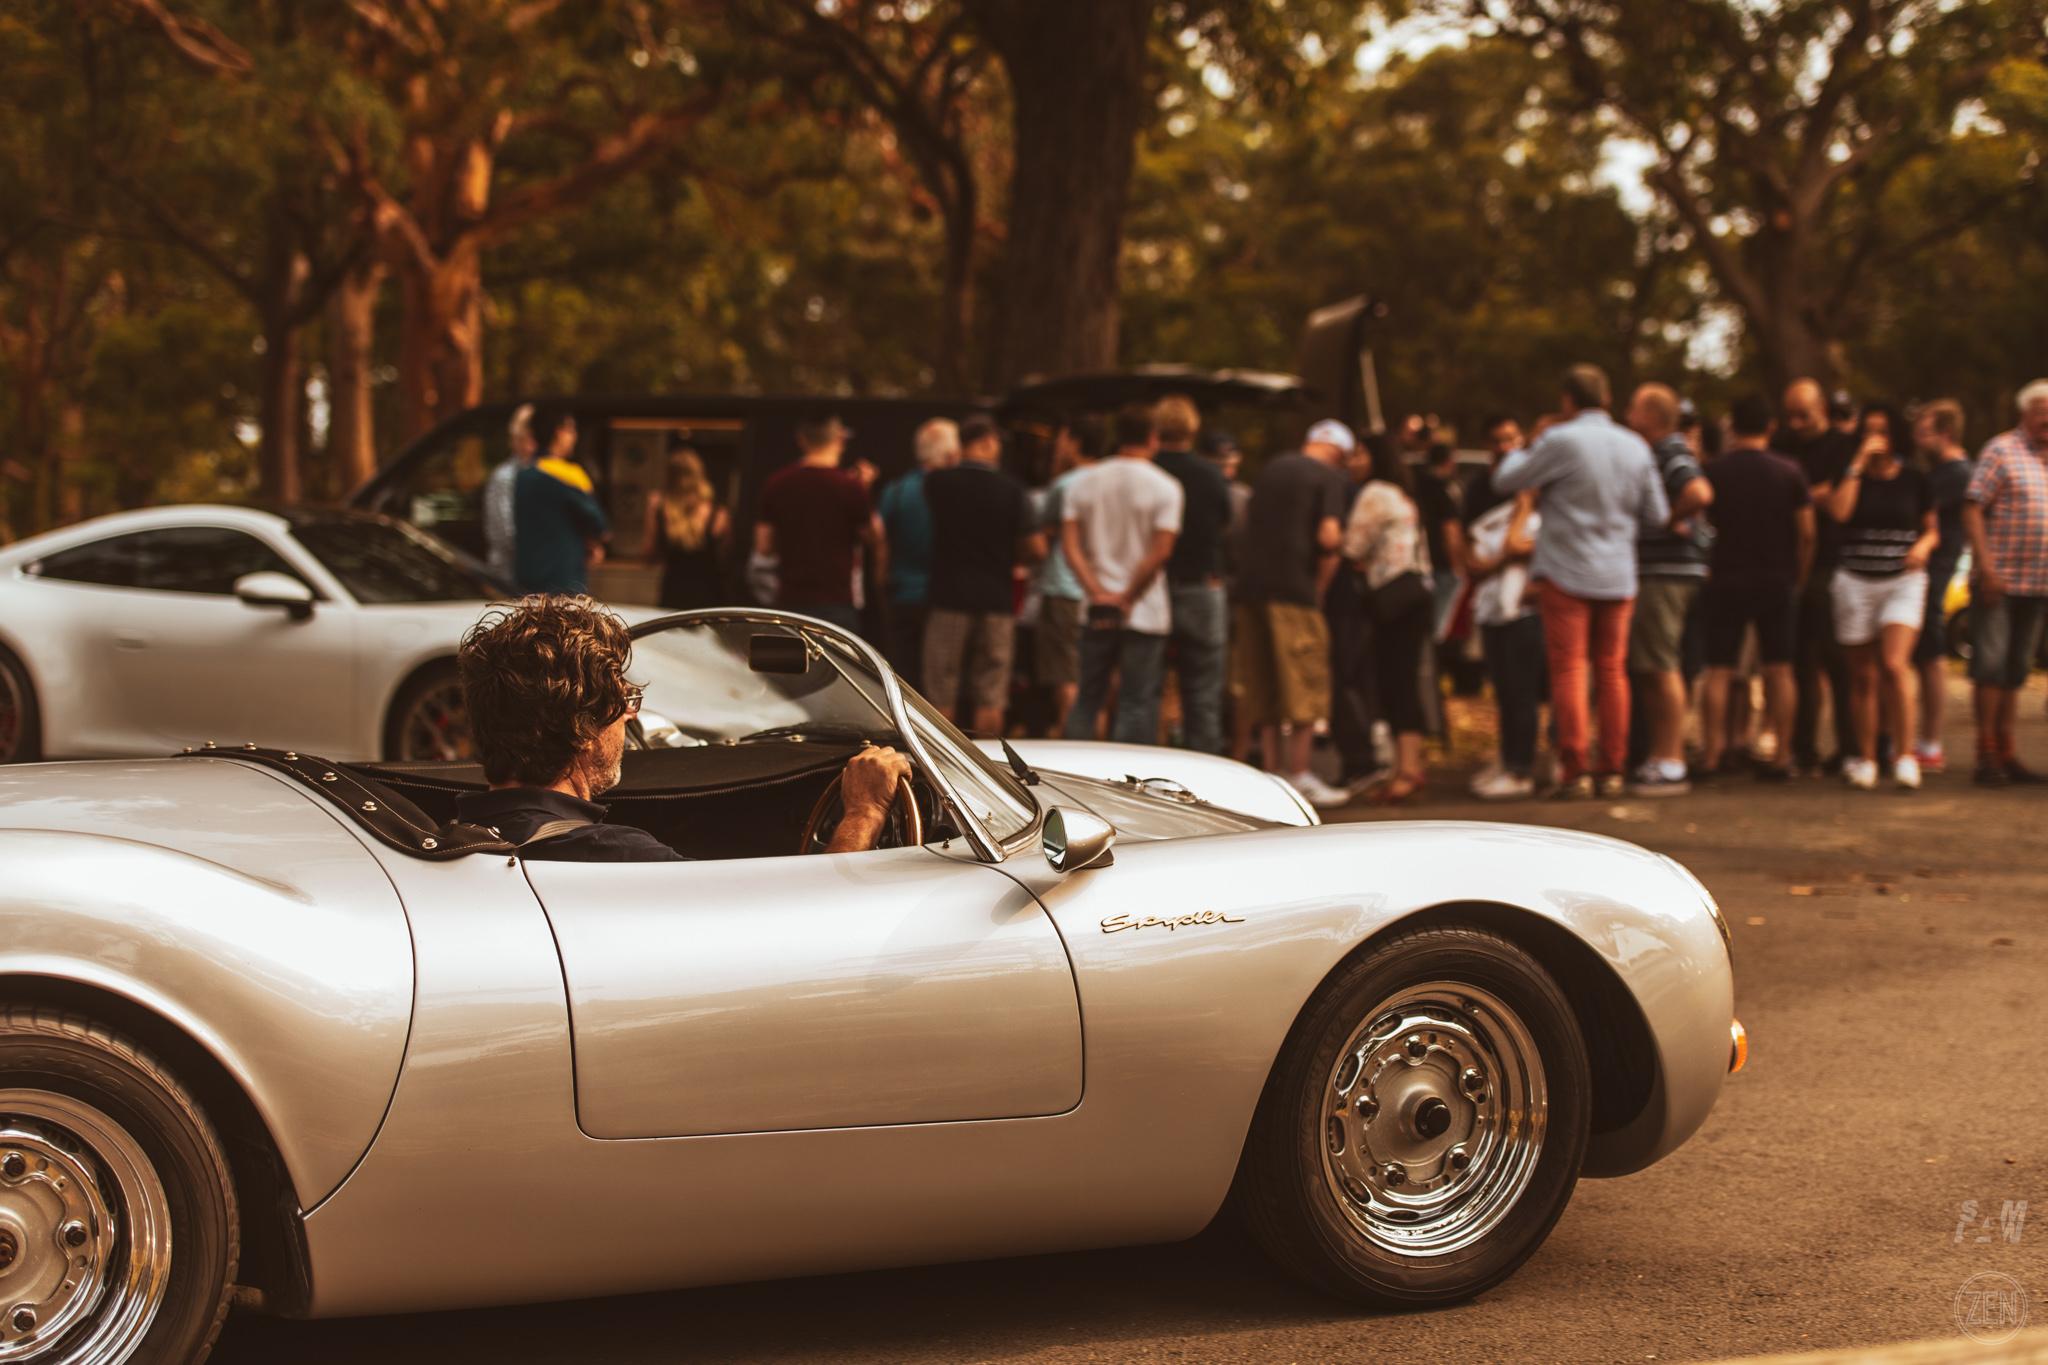 2019-12-08 - Porsches & Coffee 104